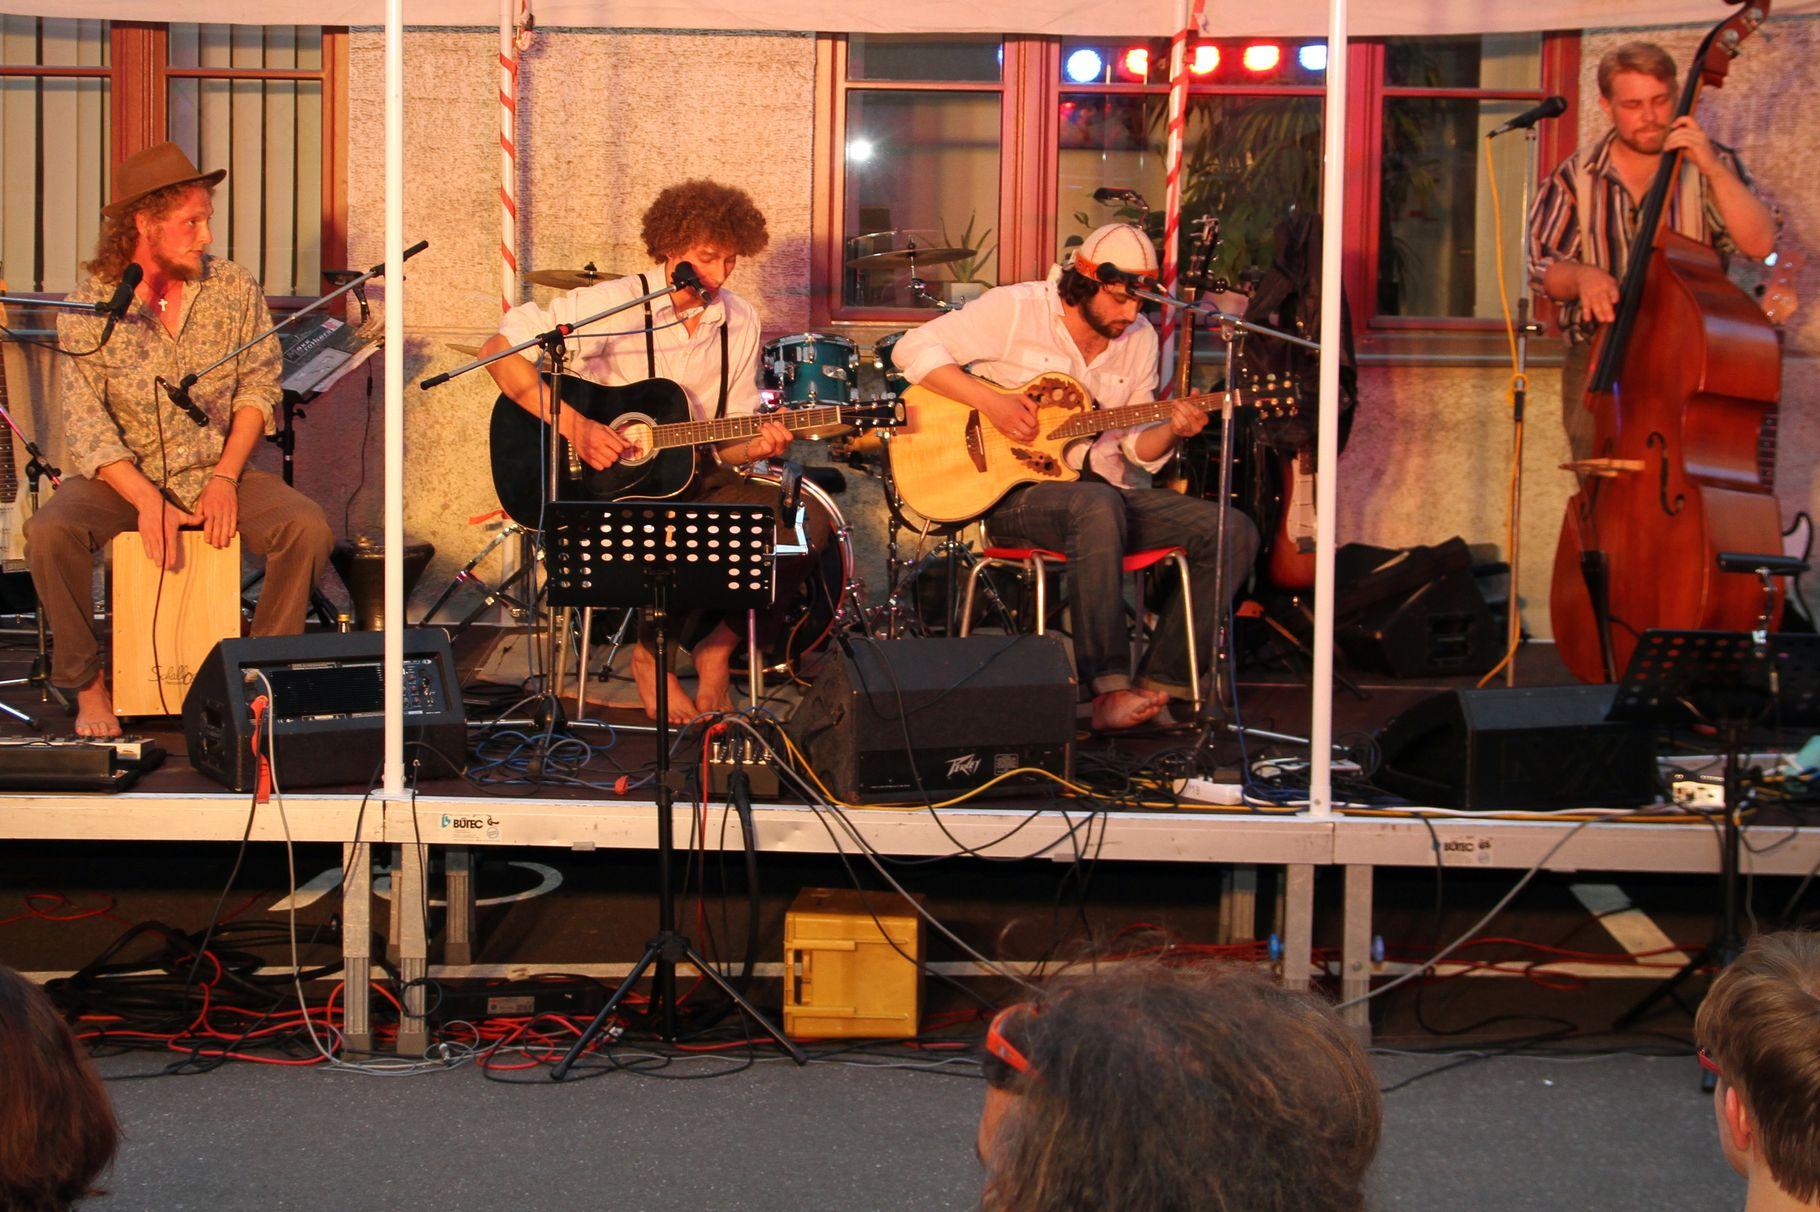 Konzerte im Bürgerhof 21.06.2012 Bossanogo - Freiwilligen-Zentrum Augsburg - Foto: Franz Lechner